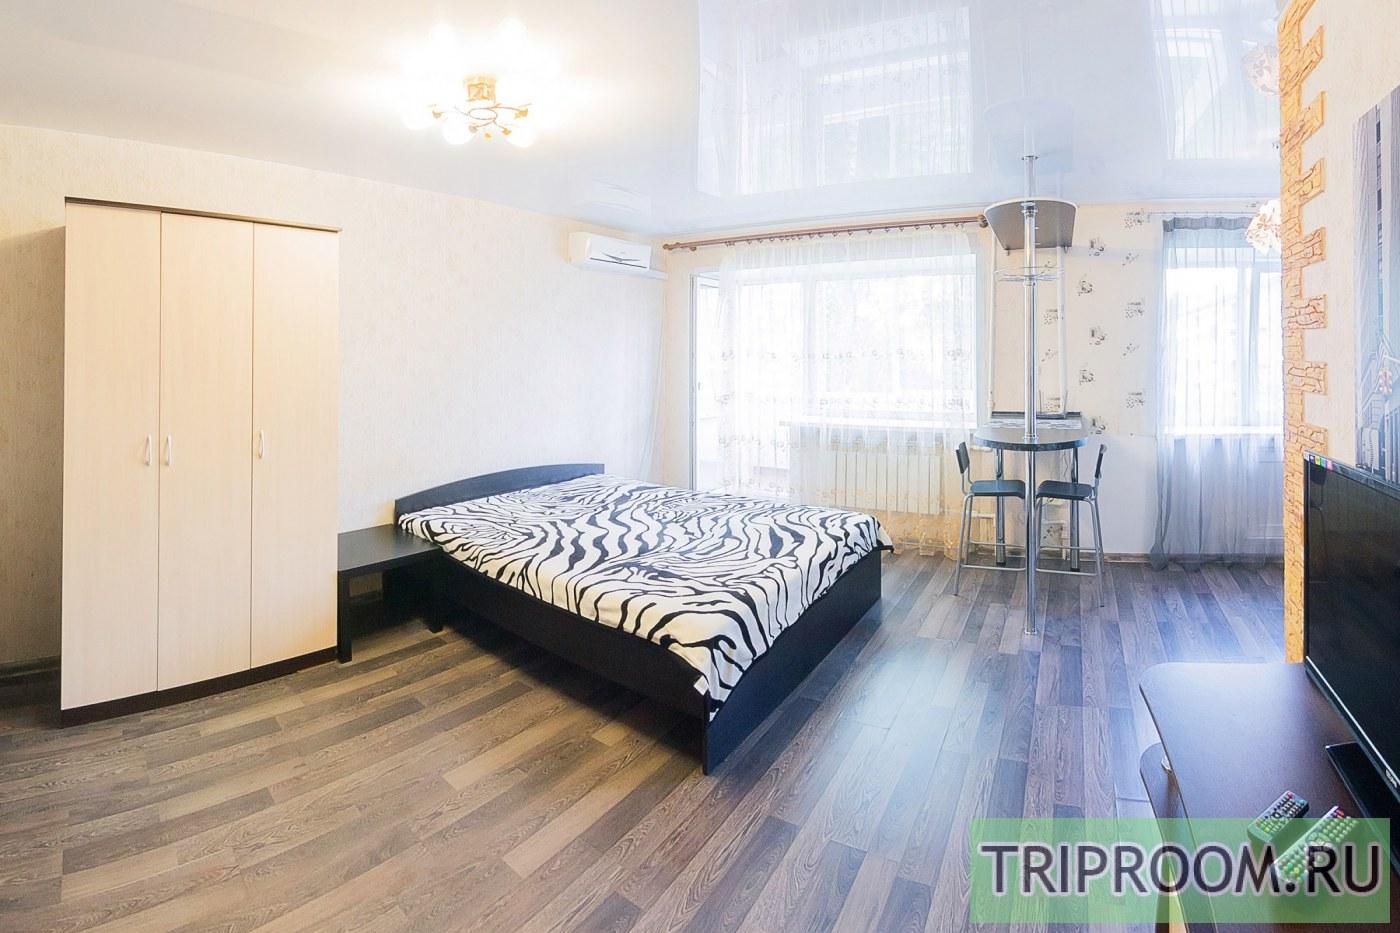 1-комнатная квартира посуточно (вариант № 39190), ул. Ватутина улица, фото № 2